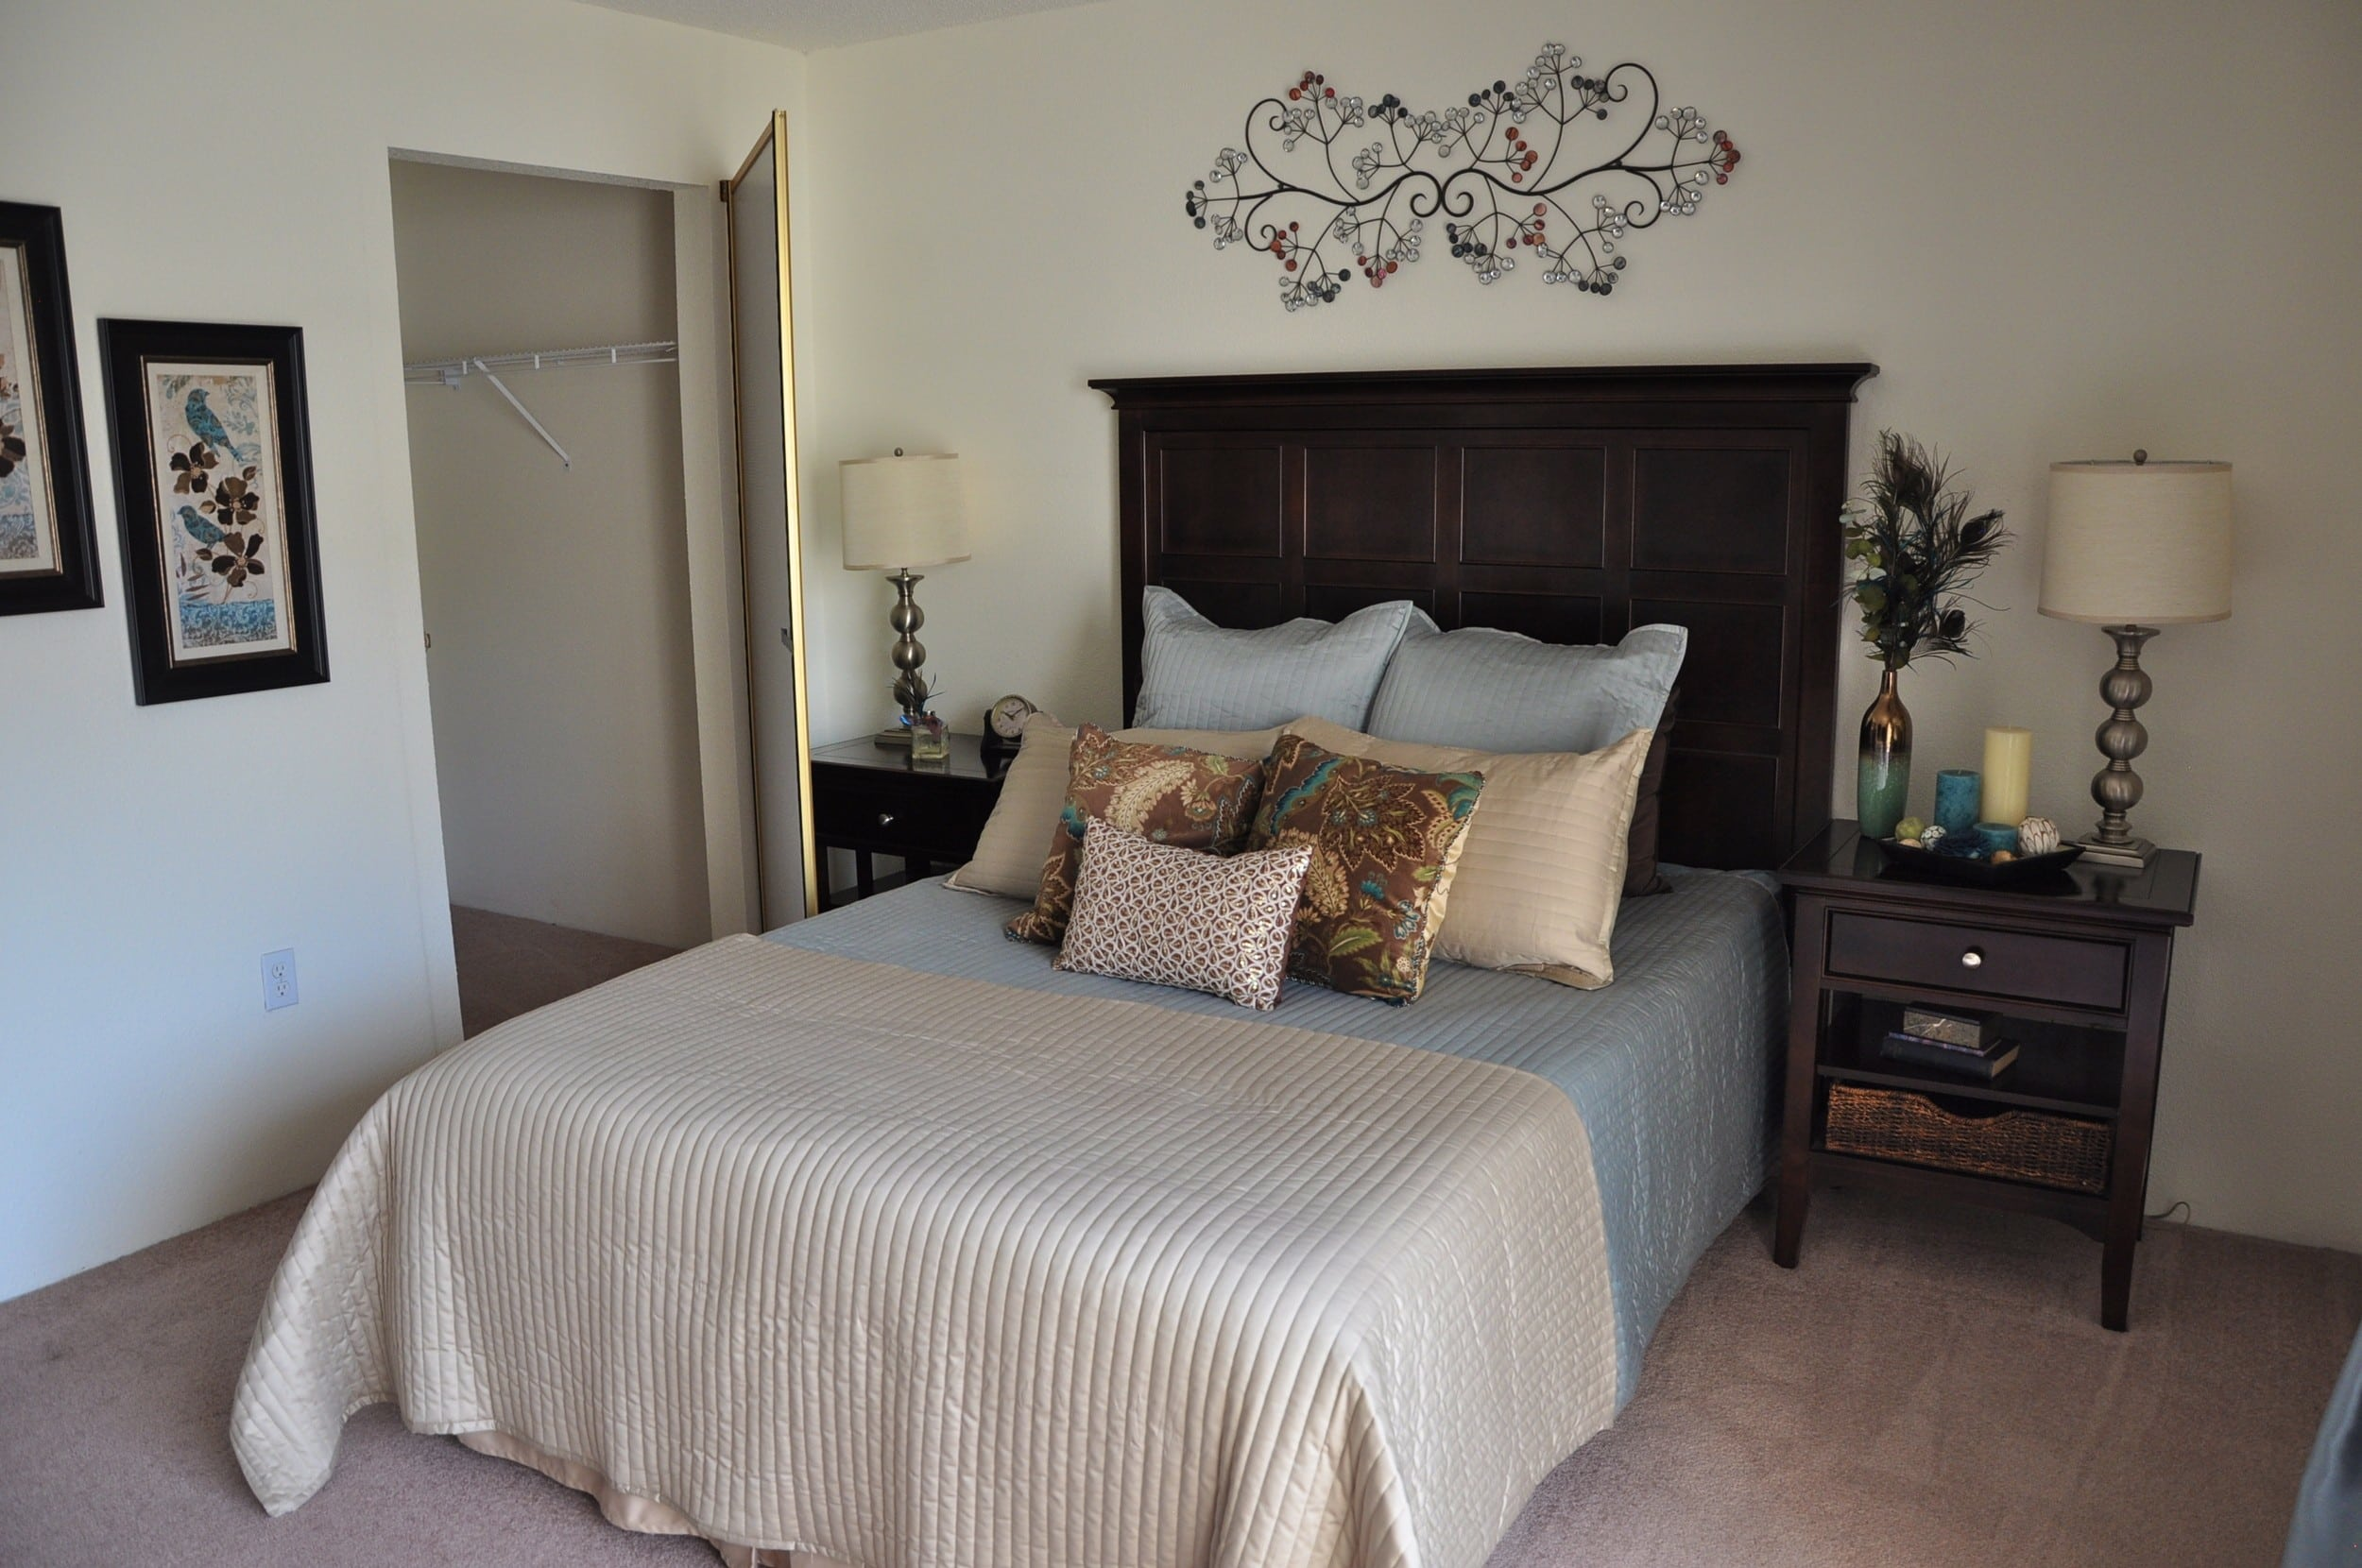 One bedroom apartments in el paso